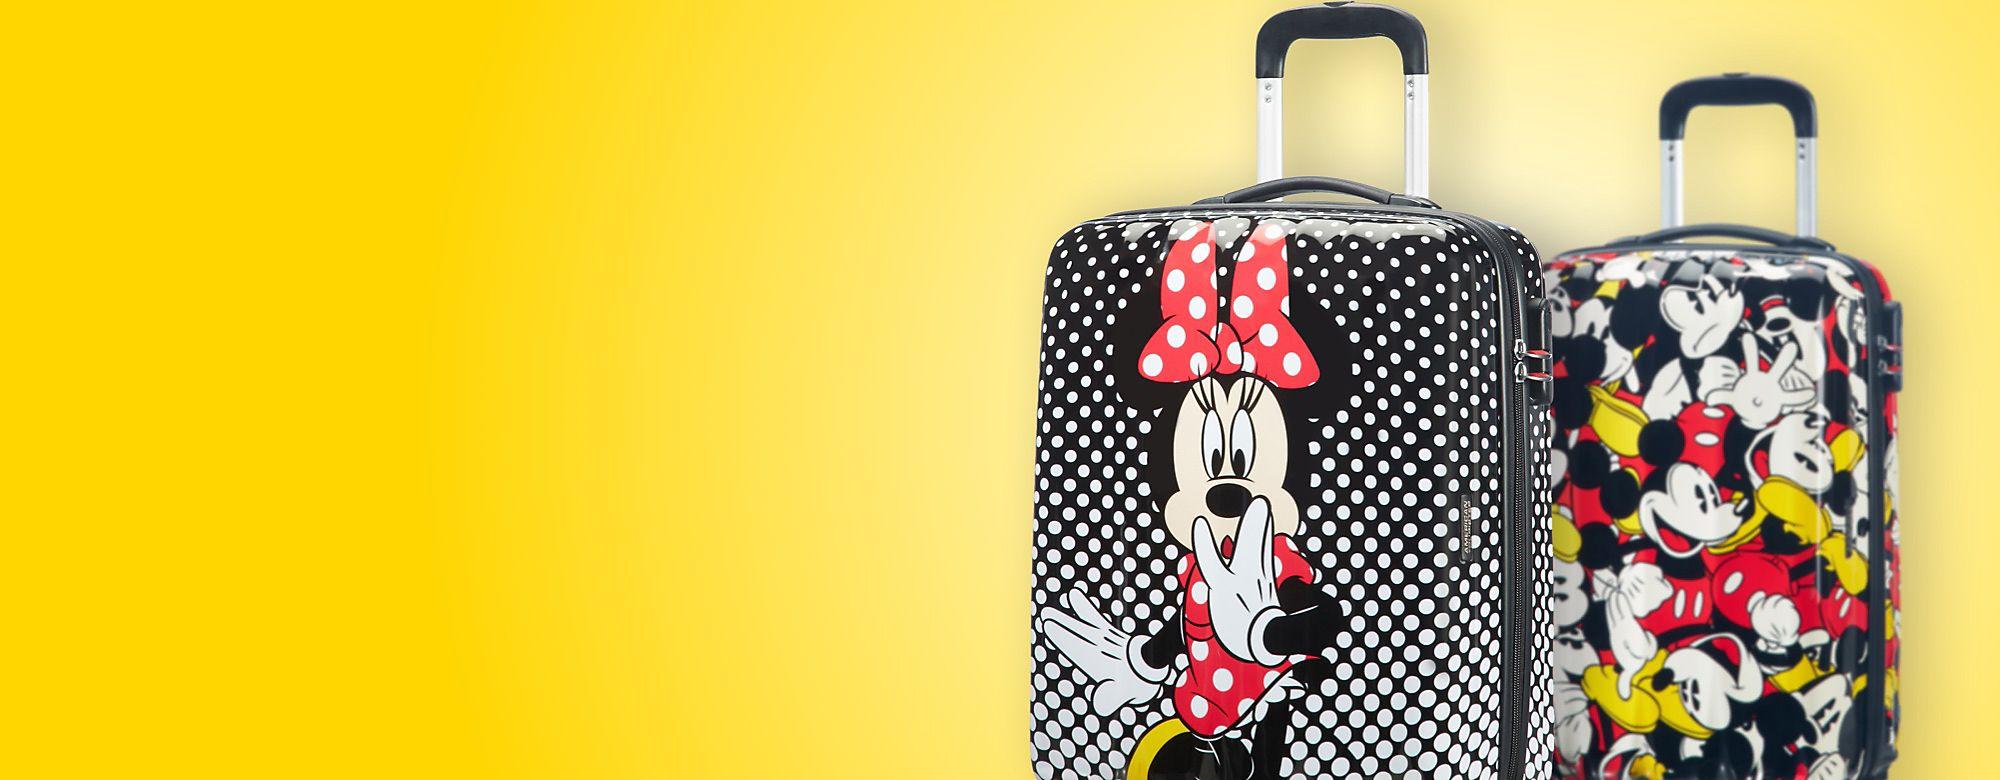 American Tourister Partez en voyage avec American Tourister et Disney, grâce à cette belle collection de sacs, valises et cartables pour enfants ! DÉCOUVRIR